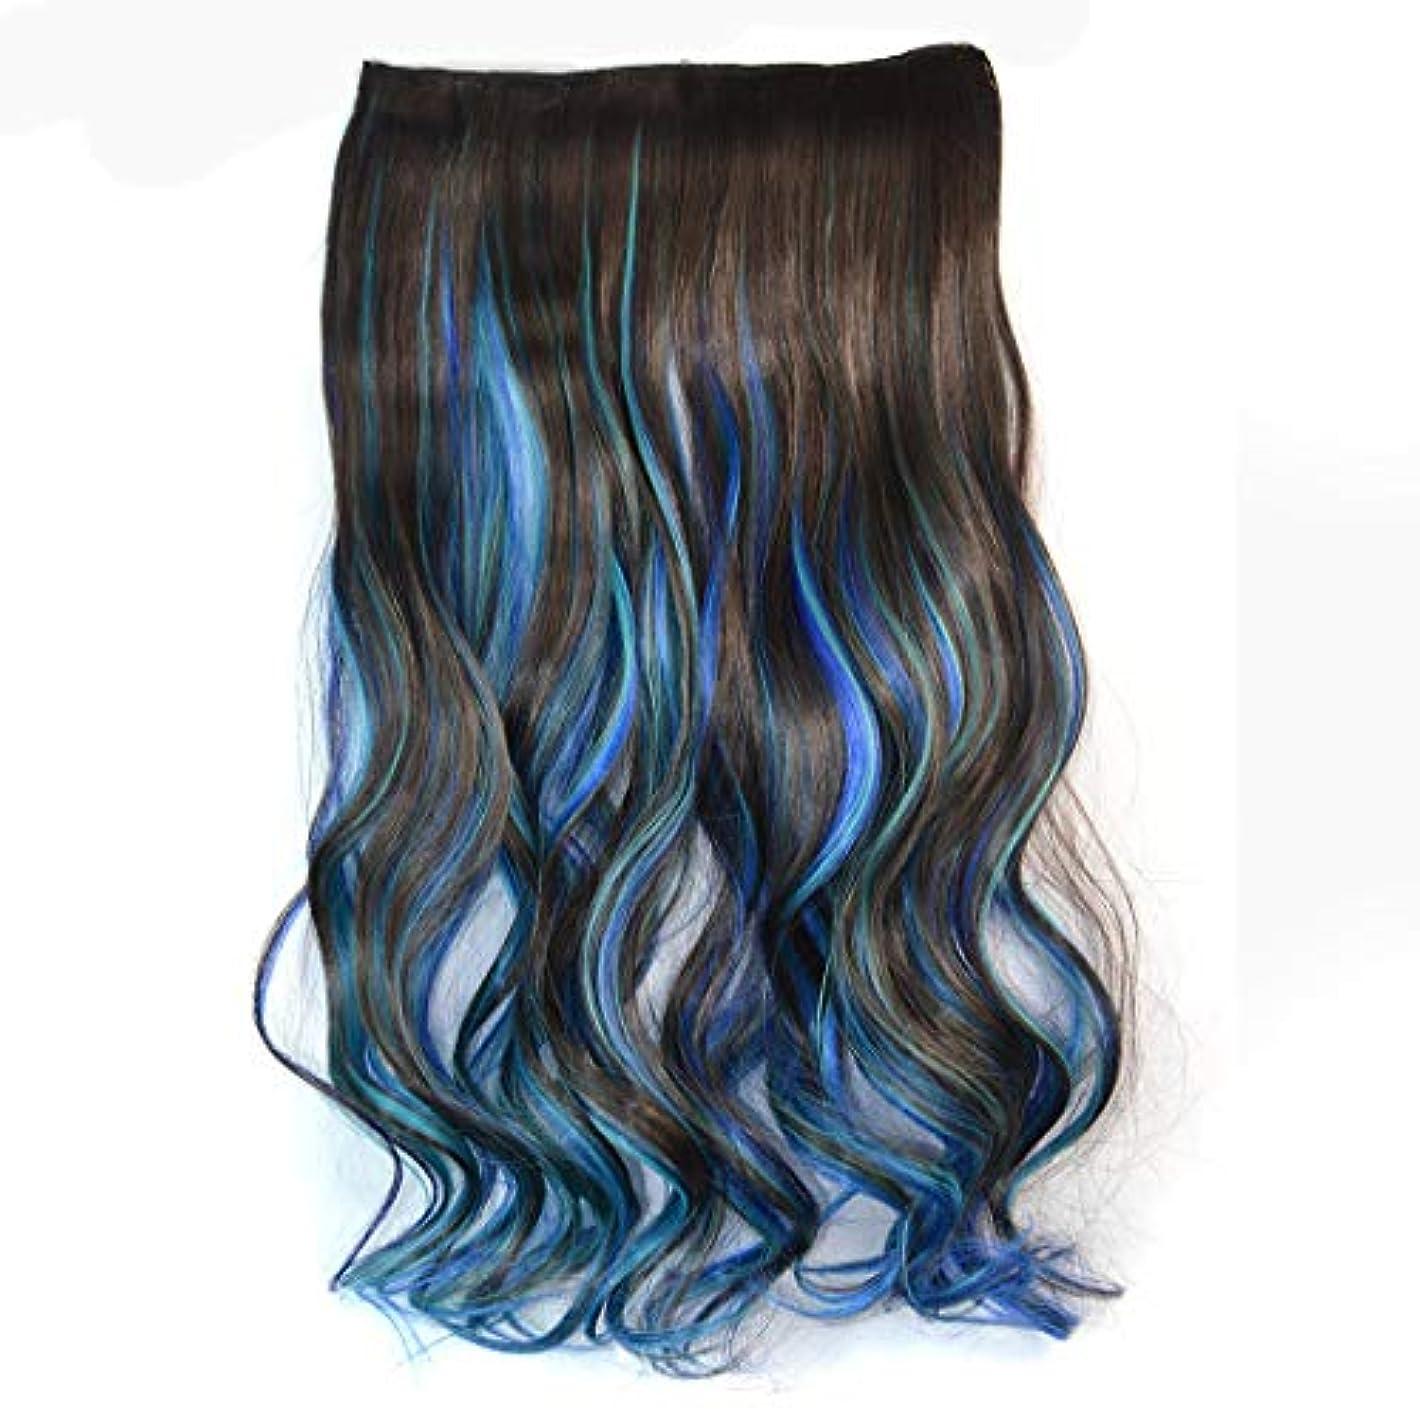 危険を冒しますポーン真実WTYD 美容ヘアツール ワンピースシームレスヘアエクステンションピースカラーグラデーション大波ロングカーリングクリップタイプヘアピース